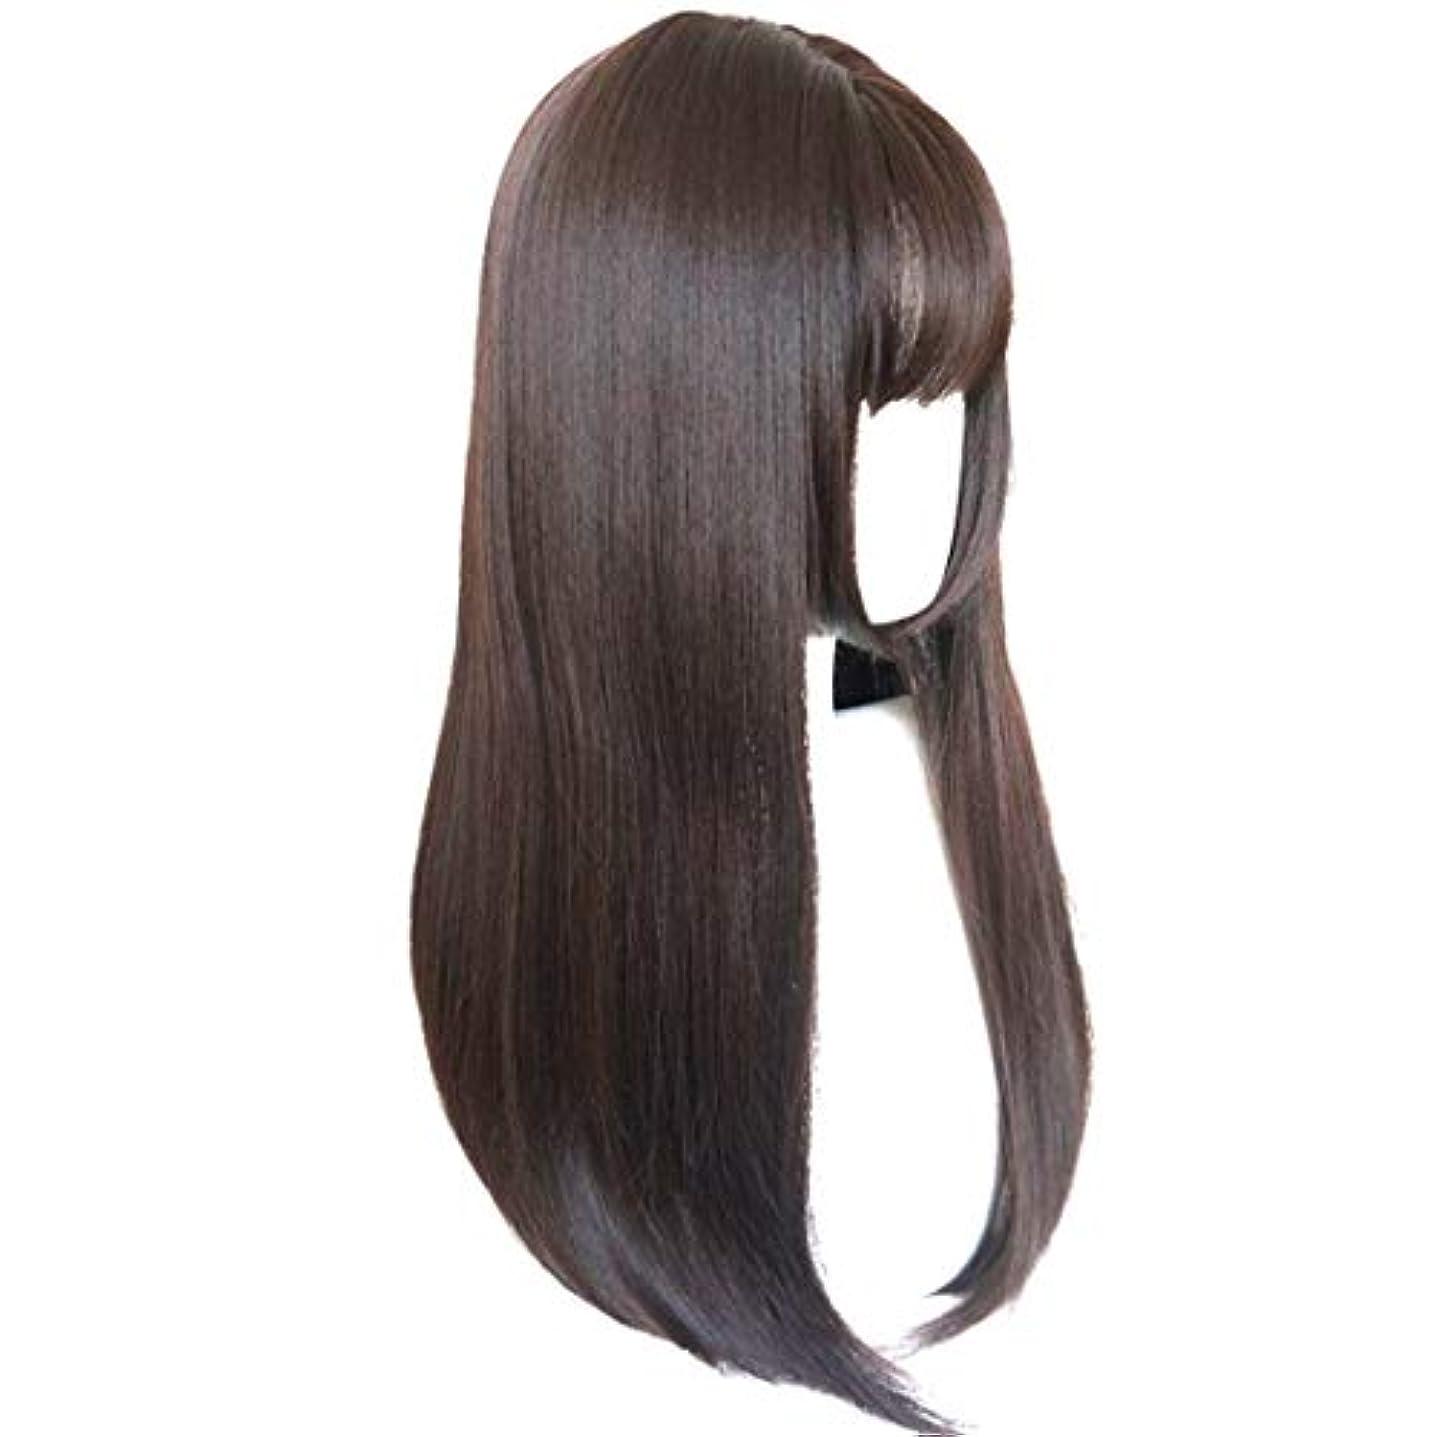 副上昇スムーズにKerwinner かつら完全なかつら女性のための耐熱性耐熱性でかつらストレートロング人工毛